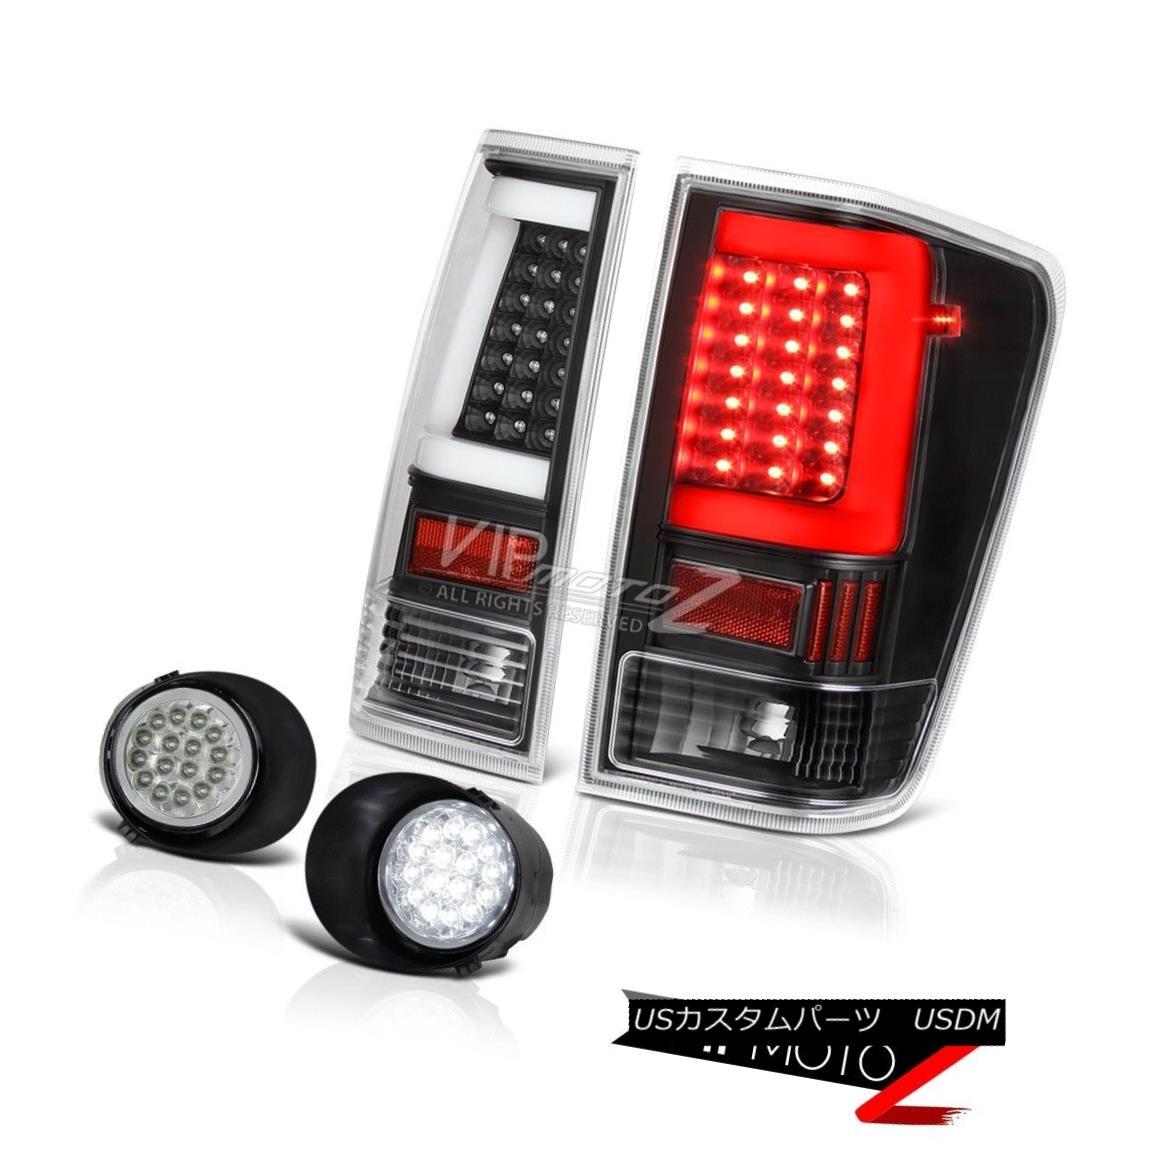 テールライト 04-14 For Nissan Titan Crystal Clear Led Driving Inky Black Neon Tube Rear L+R 04-14日産タイタンクリスタルクリアーLedドライビングインキブラックネオンチューブリアL + R